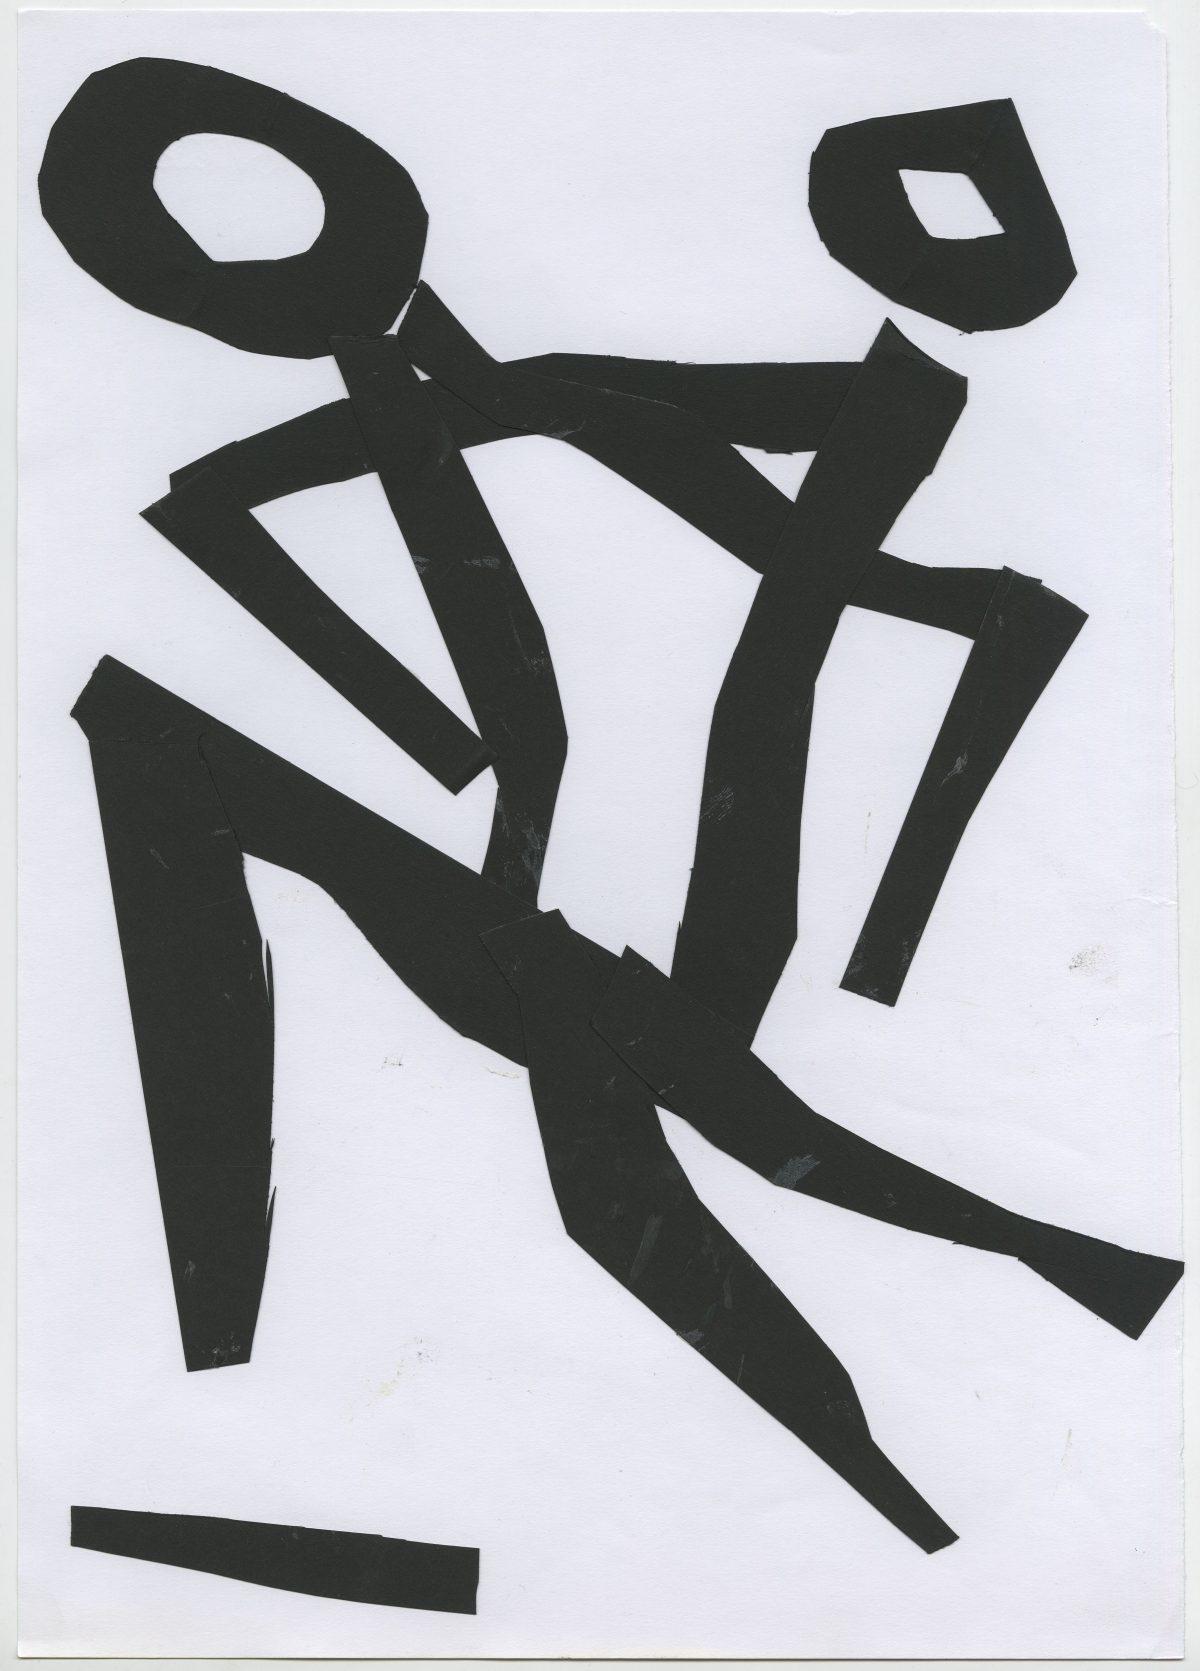 G15698(84)<br/> <b>Cím:</b> A tánc = tánc halál élet tánc <br/> <b>Méret cm:</b> 42X29,9 <br/> <b>Készült:</b> 2005. <br/> <b>Technika:</b> kollázs<br/>